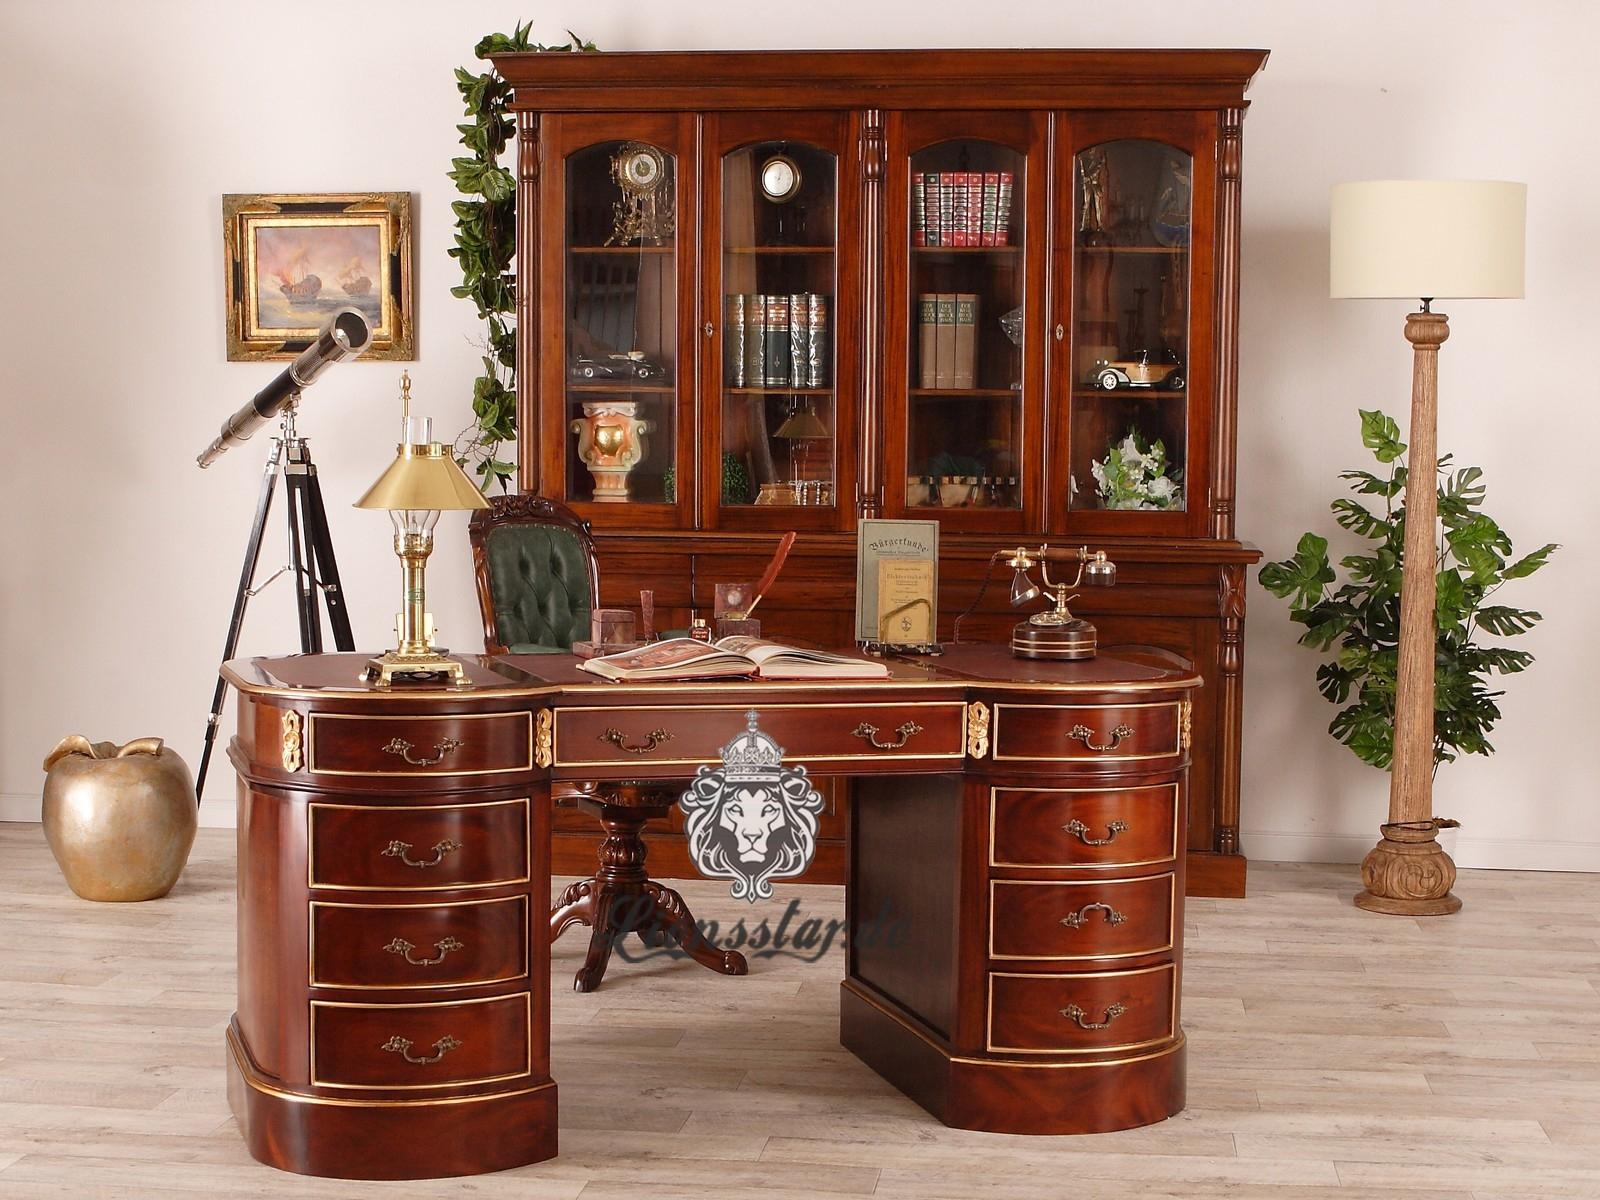 luxus möbel ☆ design & qualität | lionsstar gmbh, Schlafzimmer entwurf